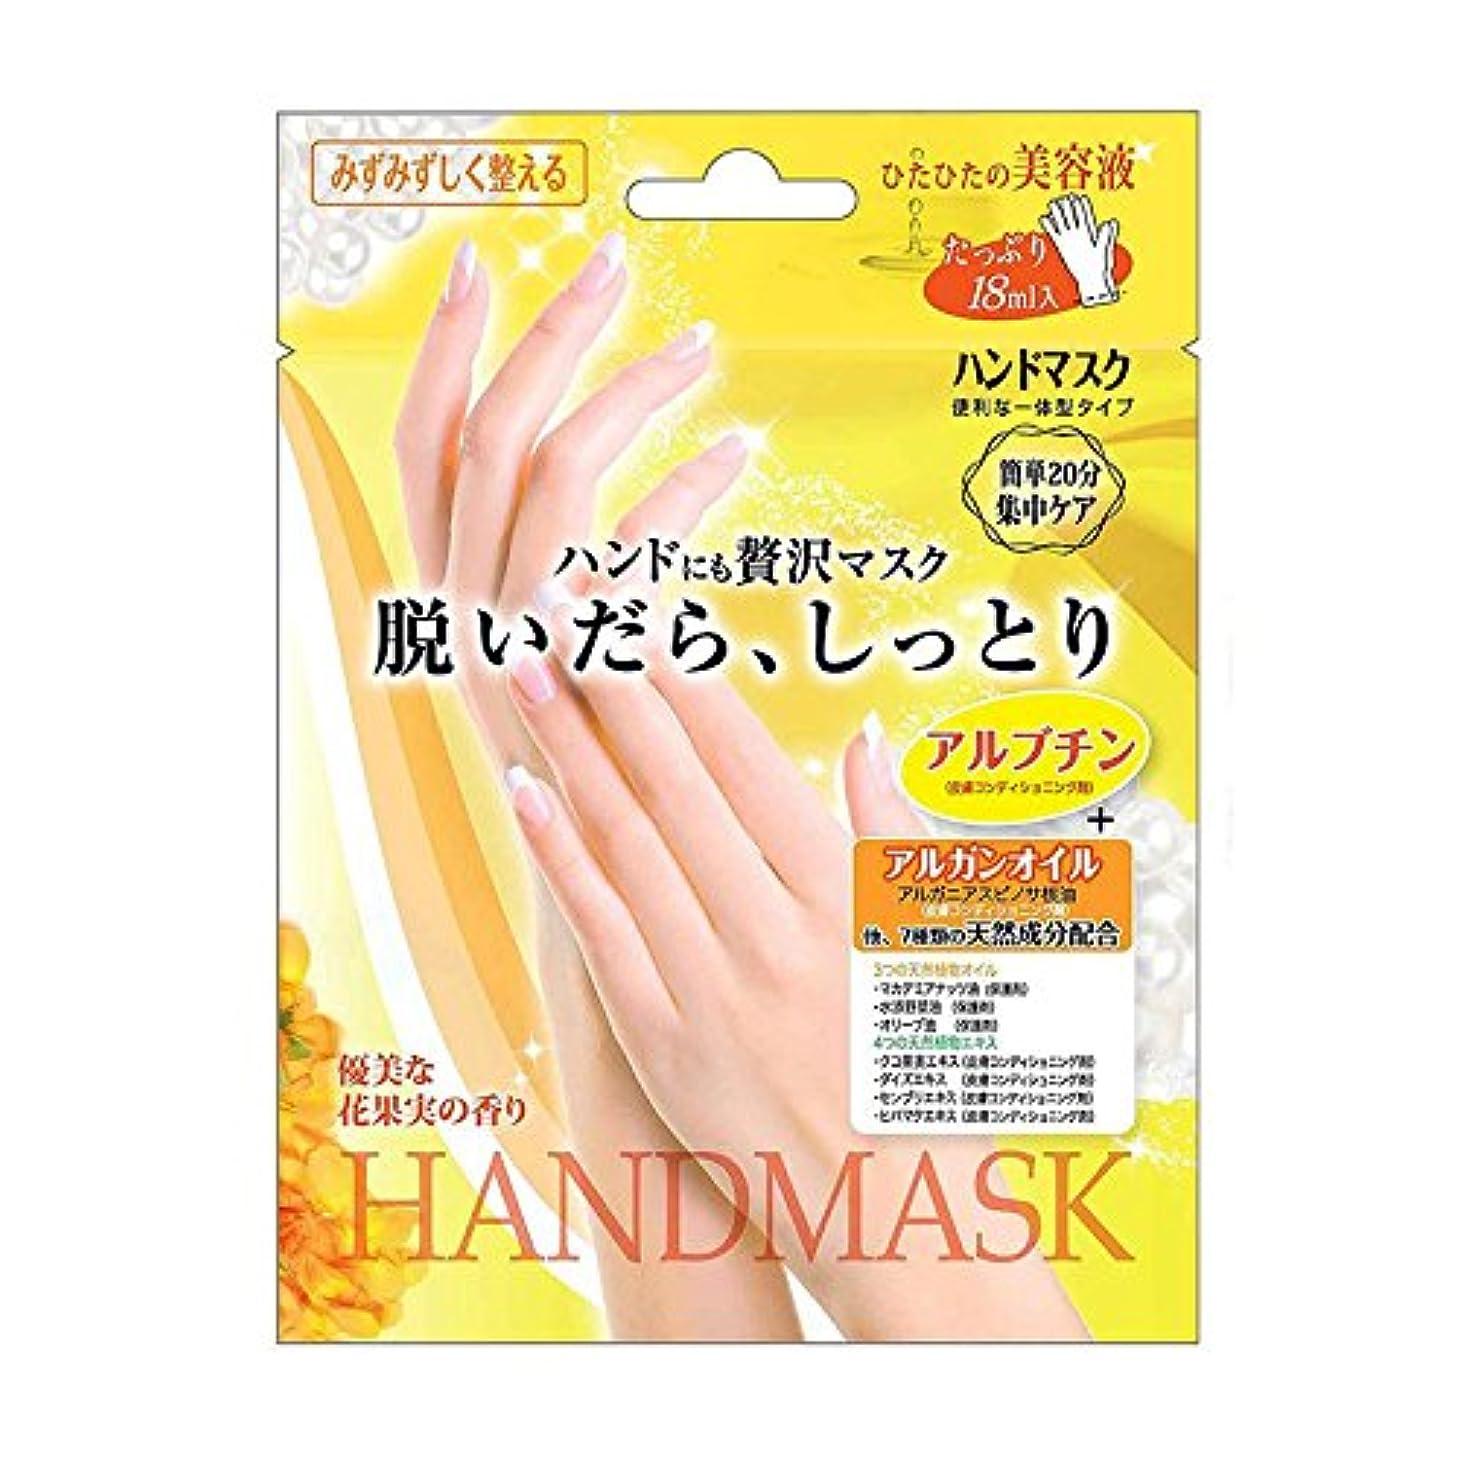 それ祖母プロトタイプビューティーワールド ハンドにも贅沢マスク 脱いだら、しっとりハンドマスク 6個セット